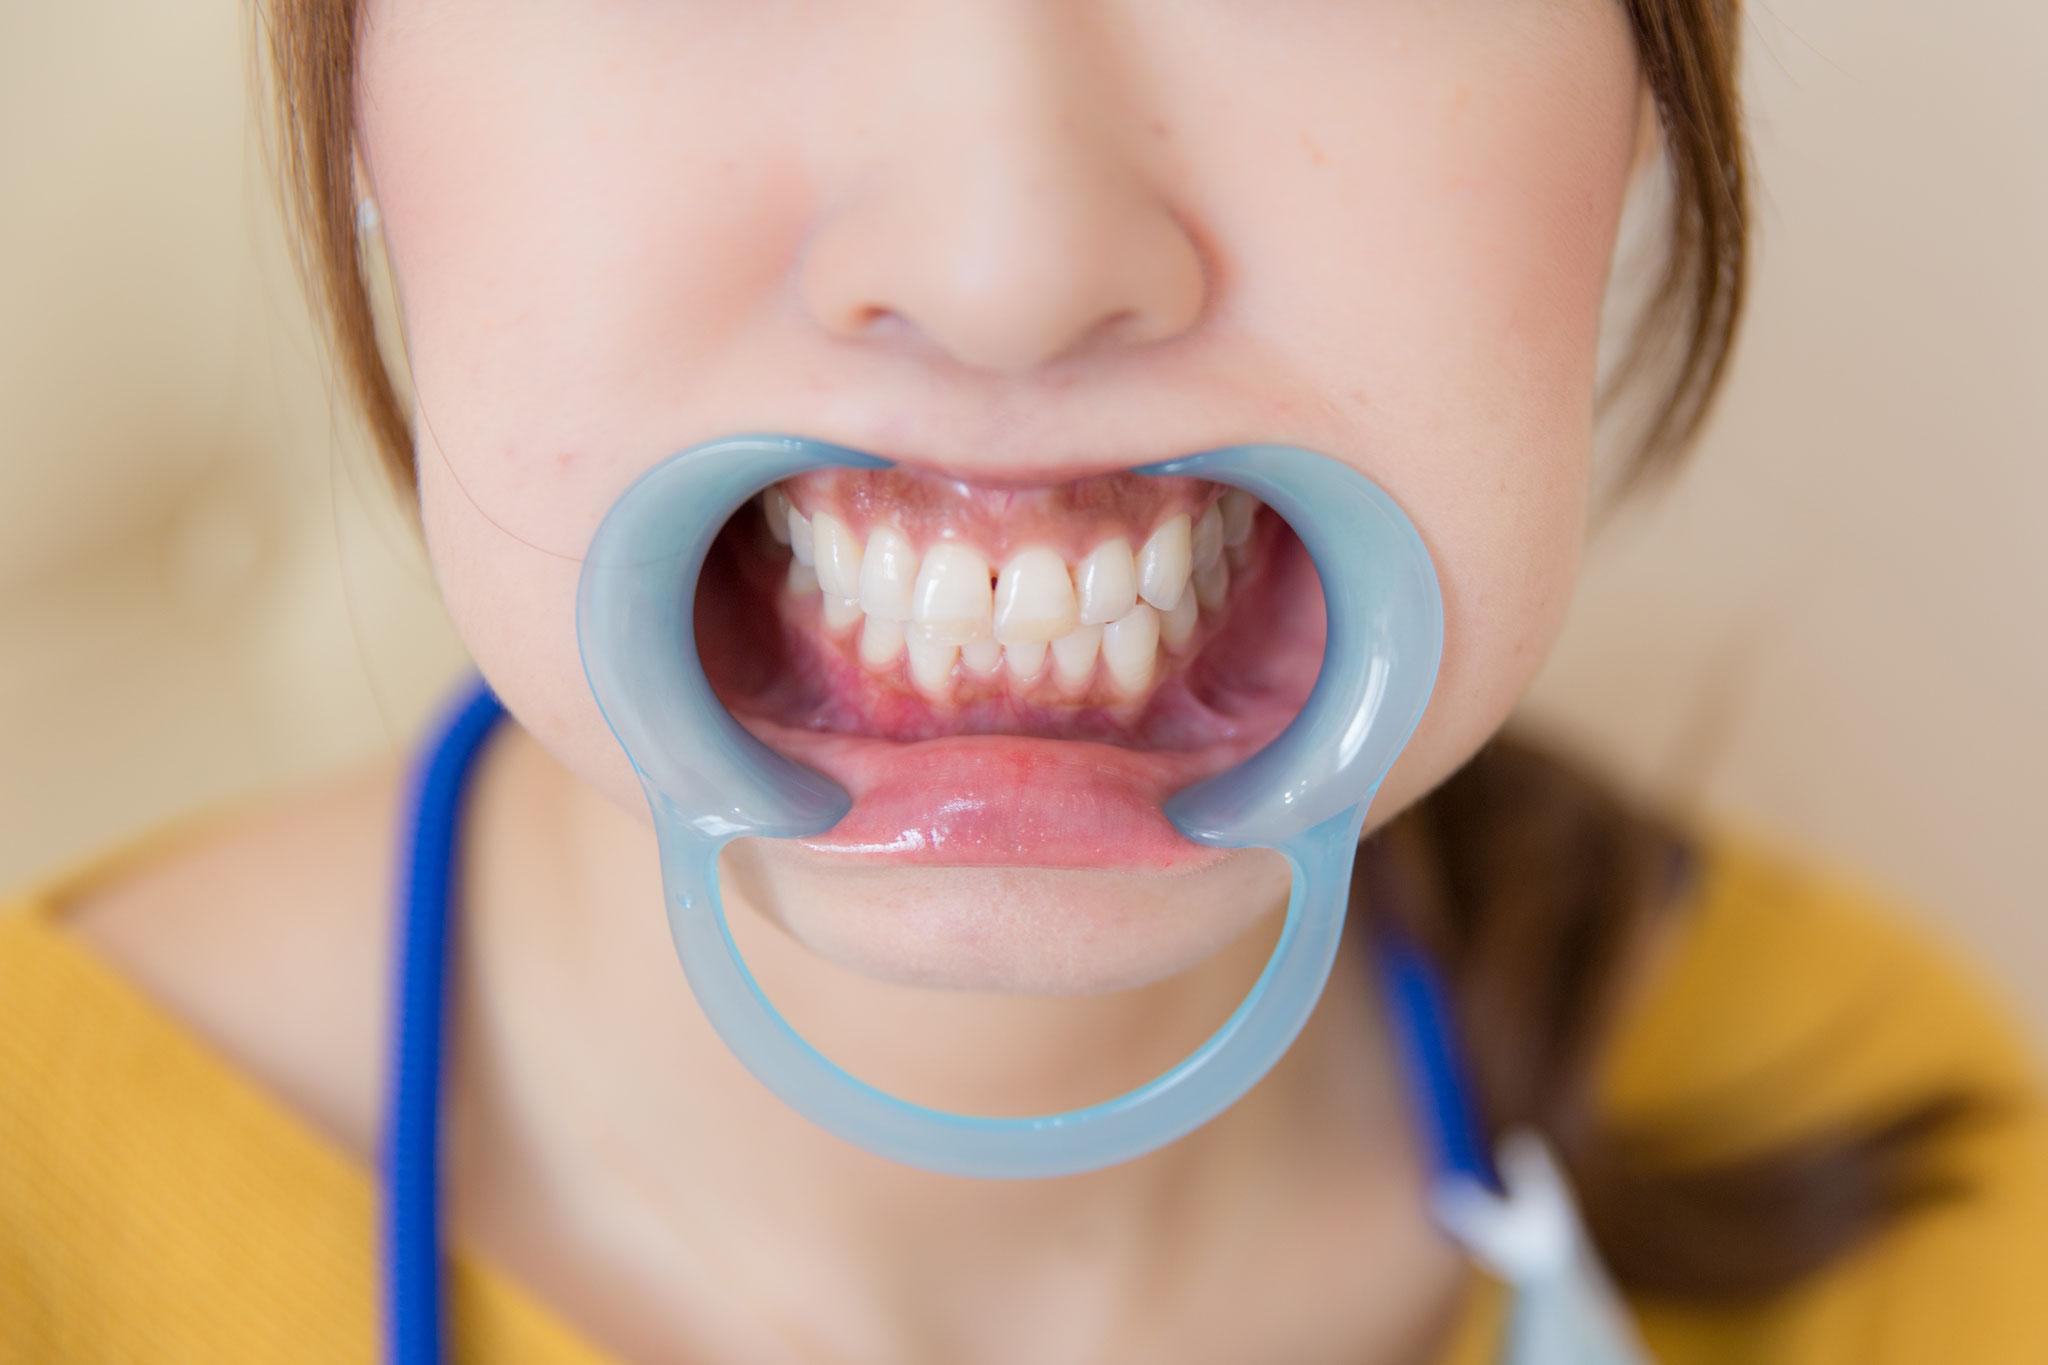 マウスオープナーを装着して口を大きく開きます。